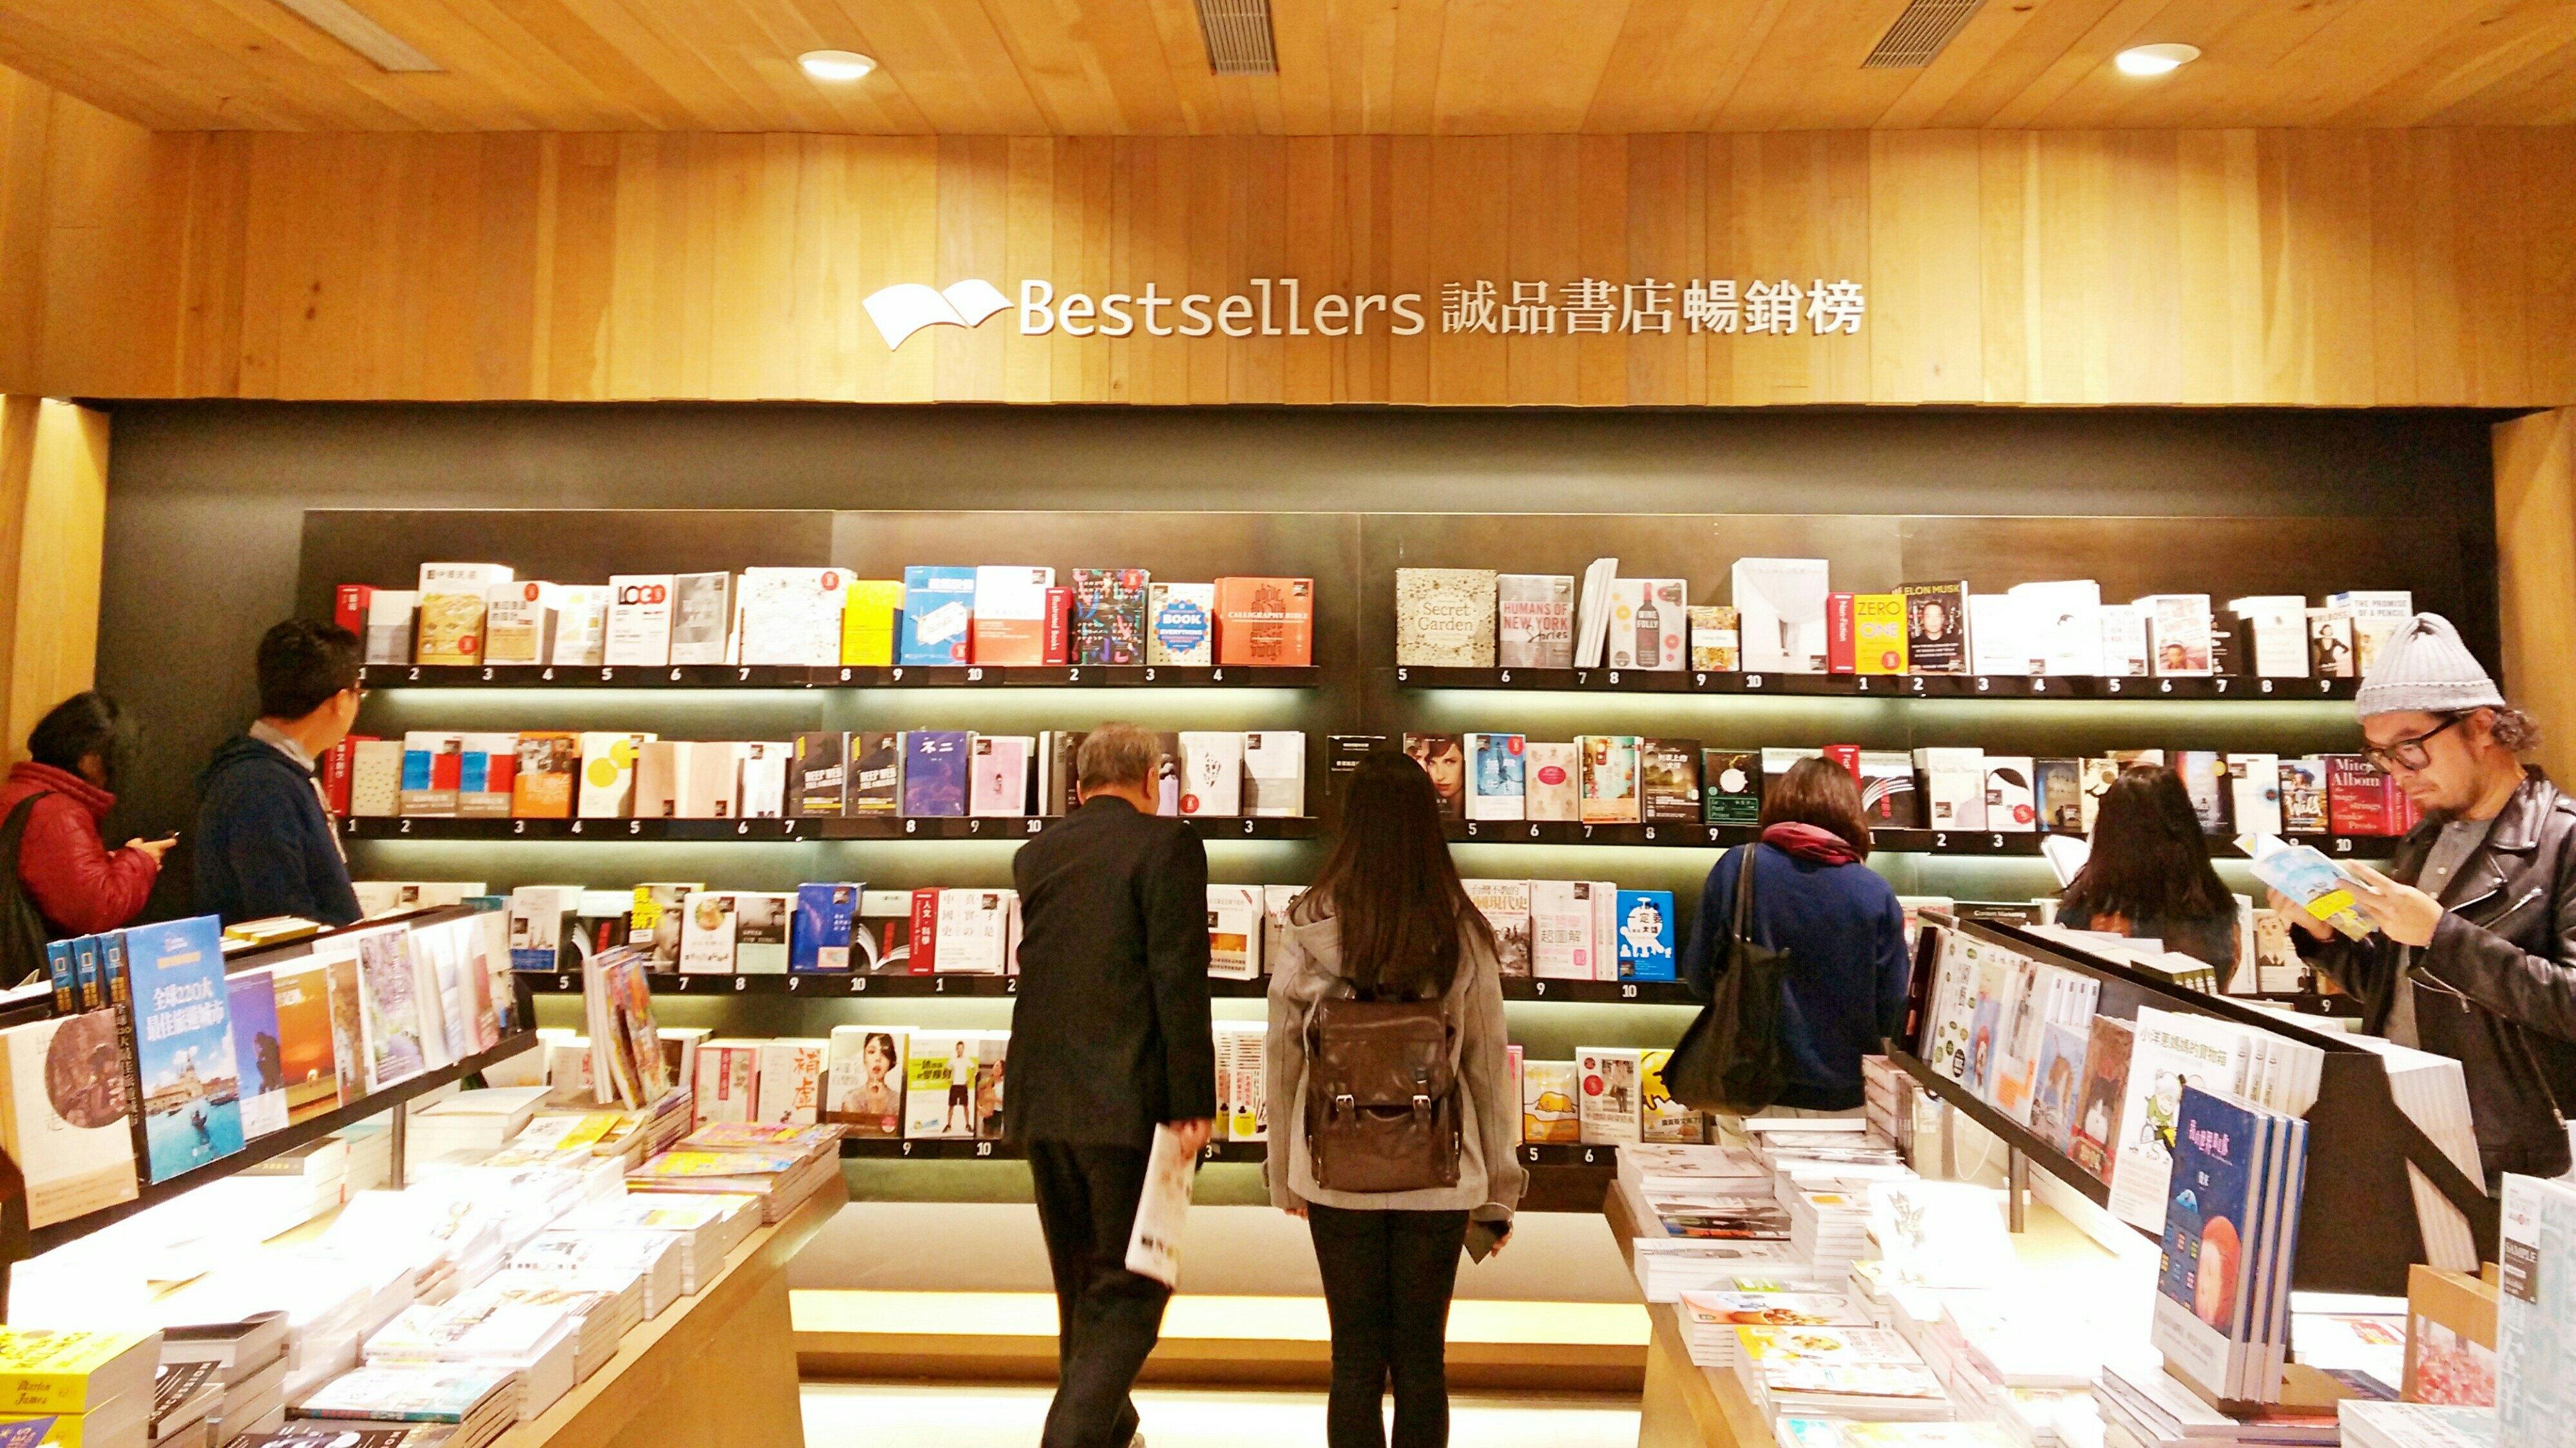 台湾诚品书店网址_求台湾诚品书店的网址,谢谢!-求台湾诚品书店地址,一共几家 ...